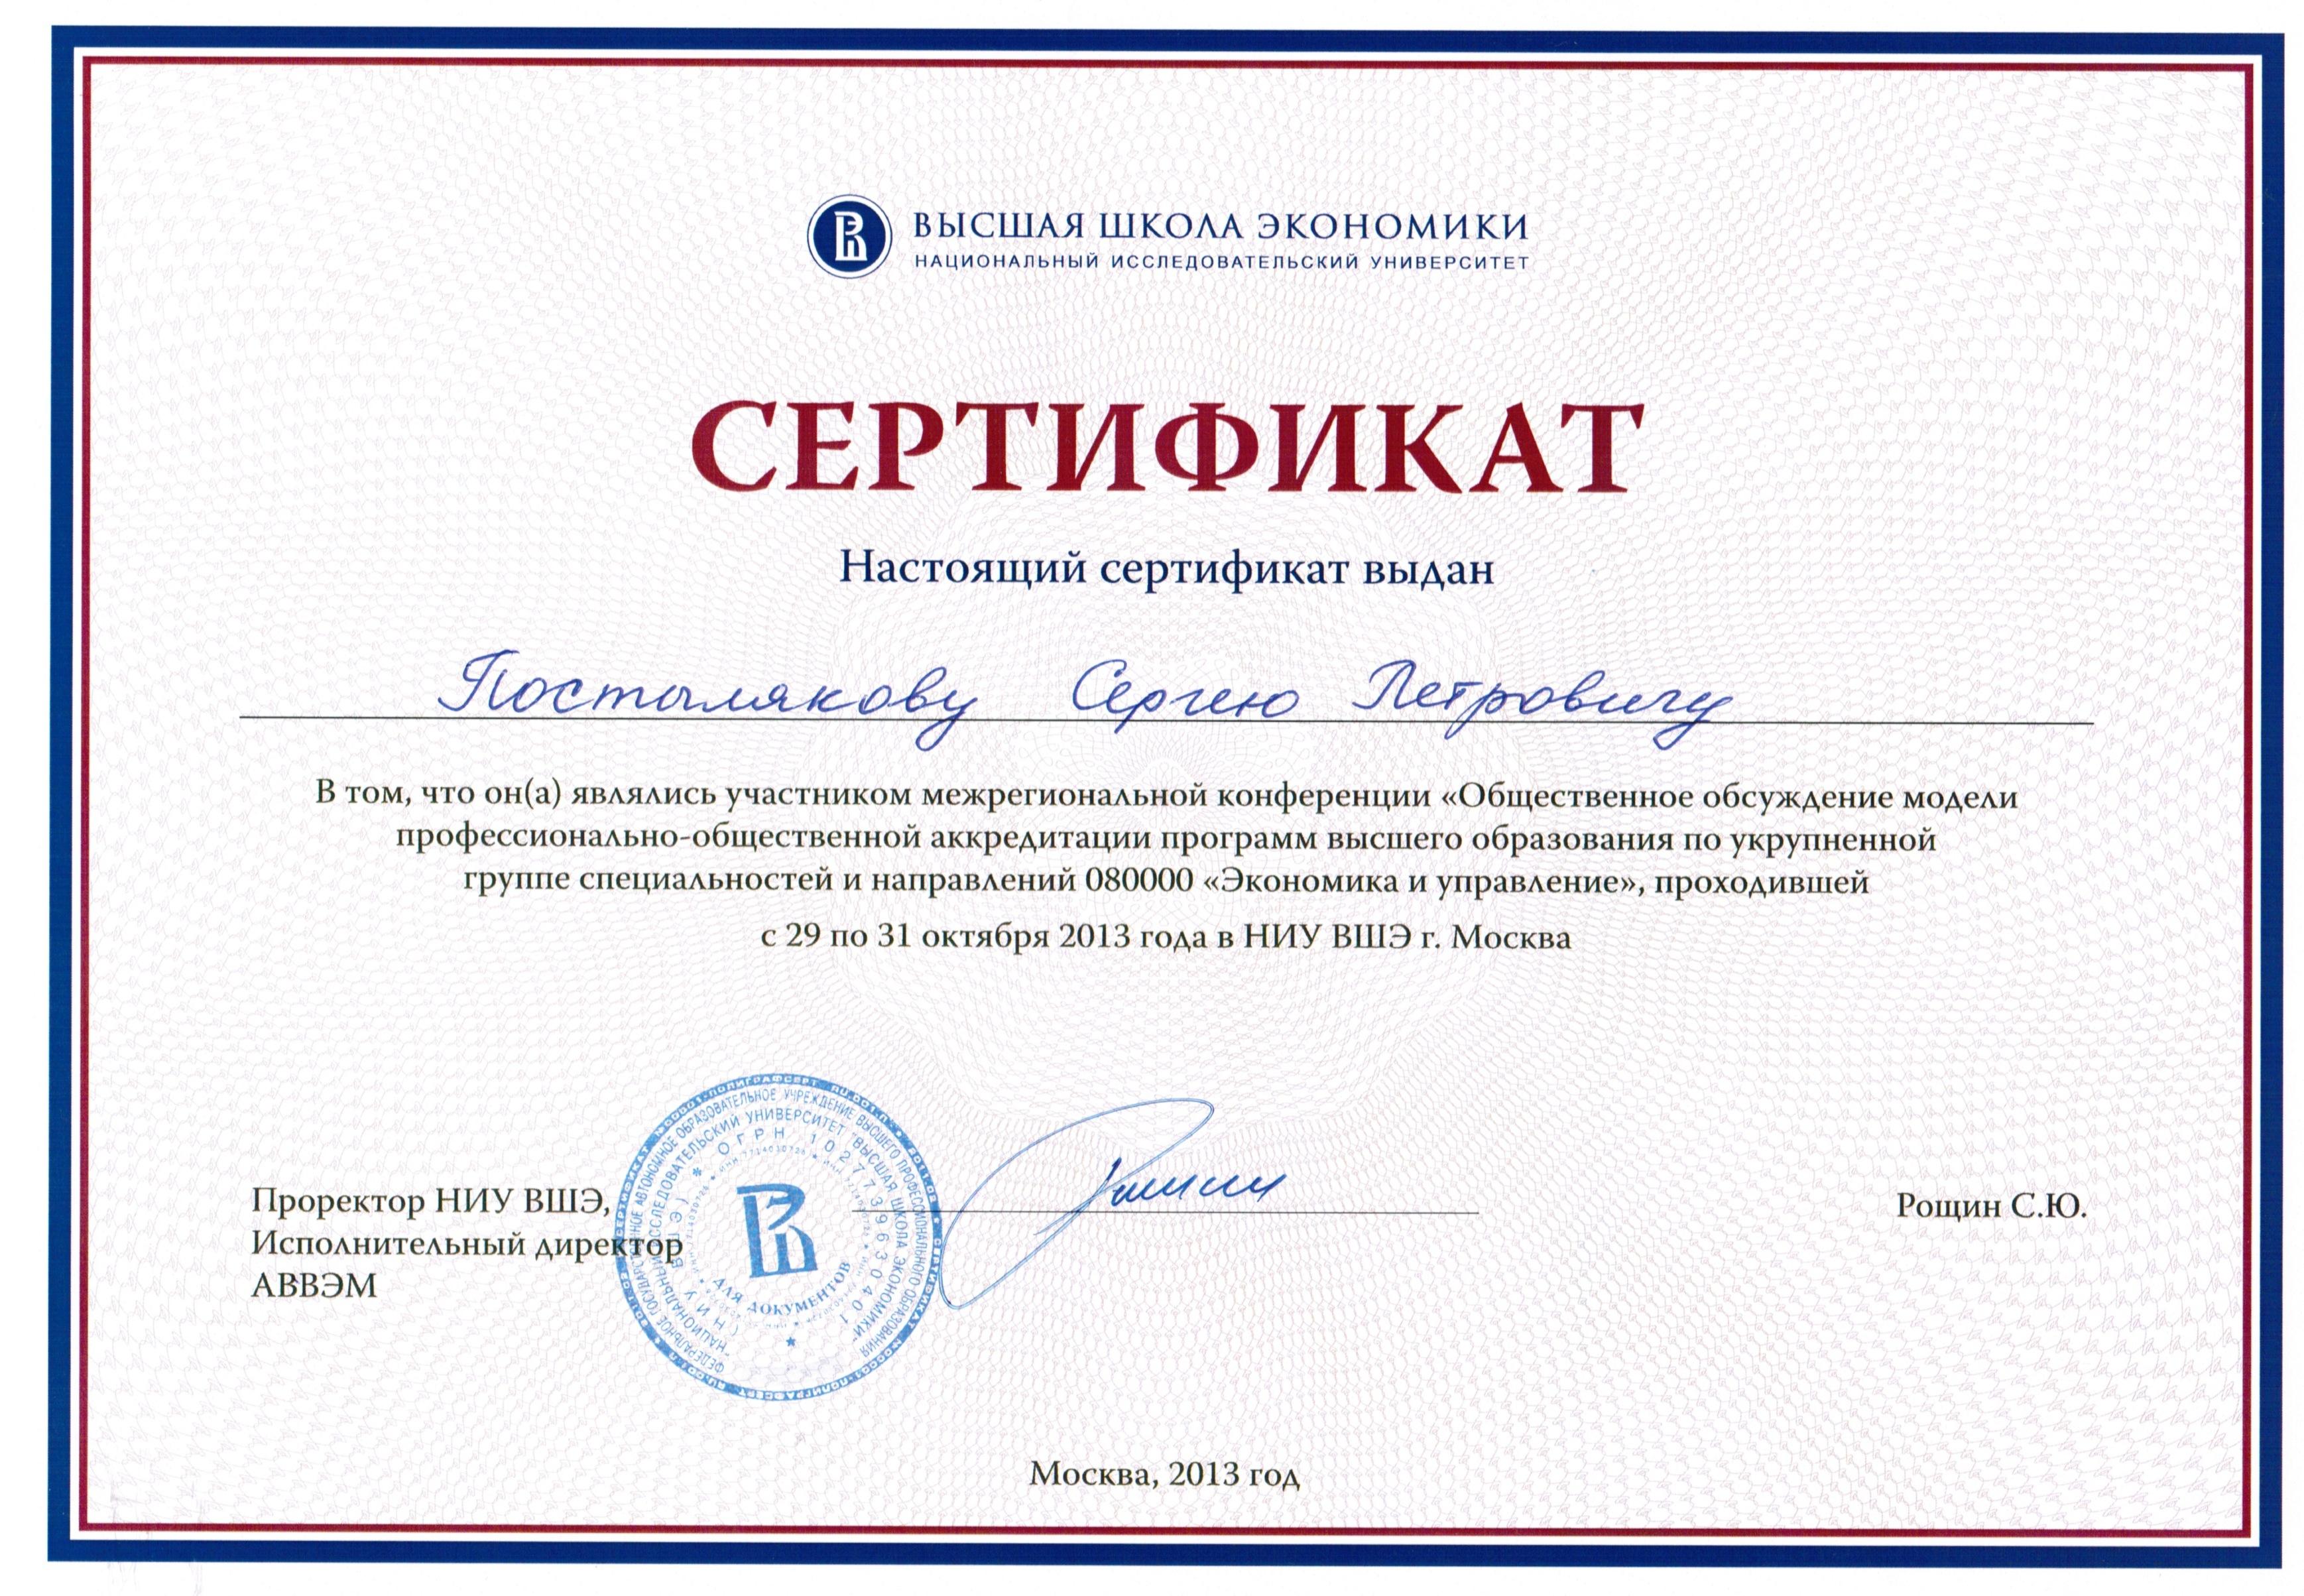 Сотрудники Постыляков Сергей Петрович Национальный   Диплом победителя секции